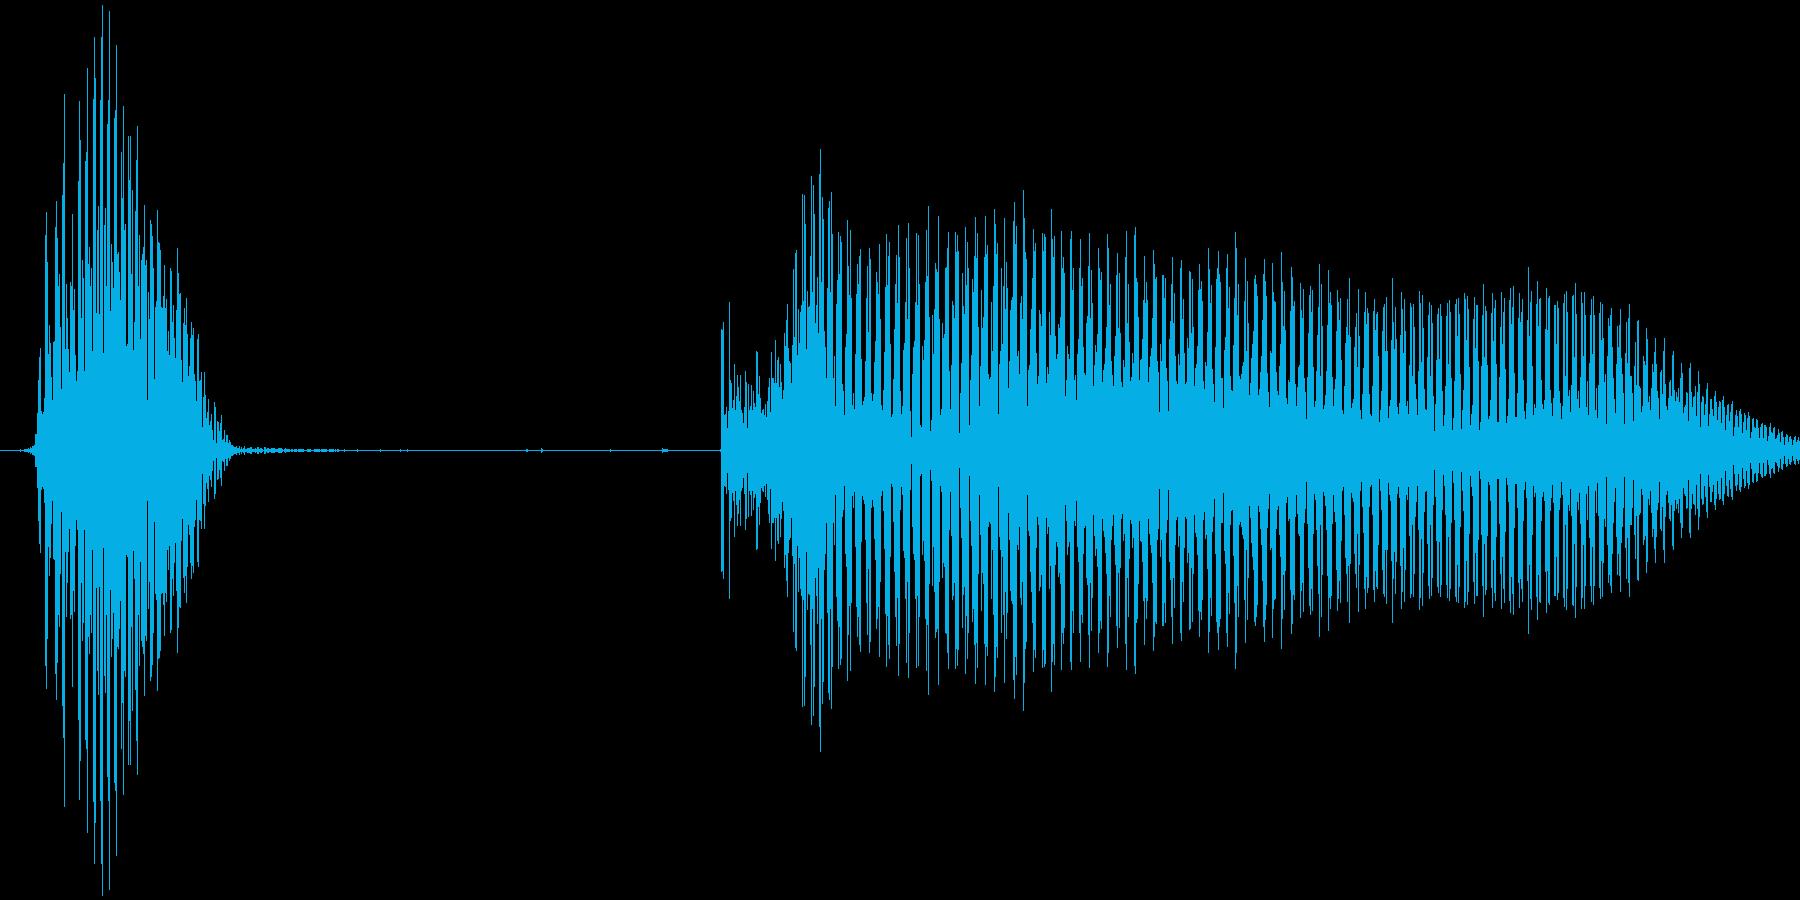 OK!女の子の声の再生済みの波形